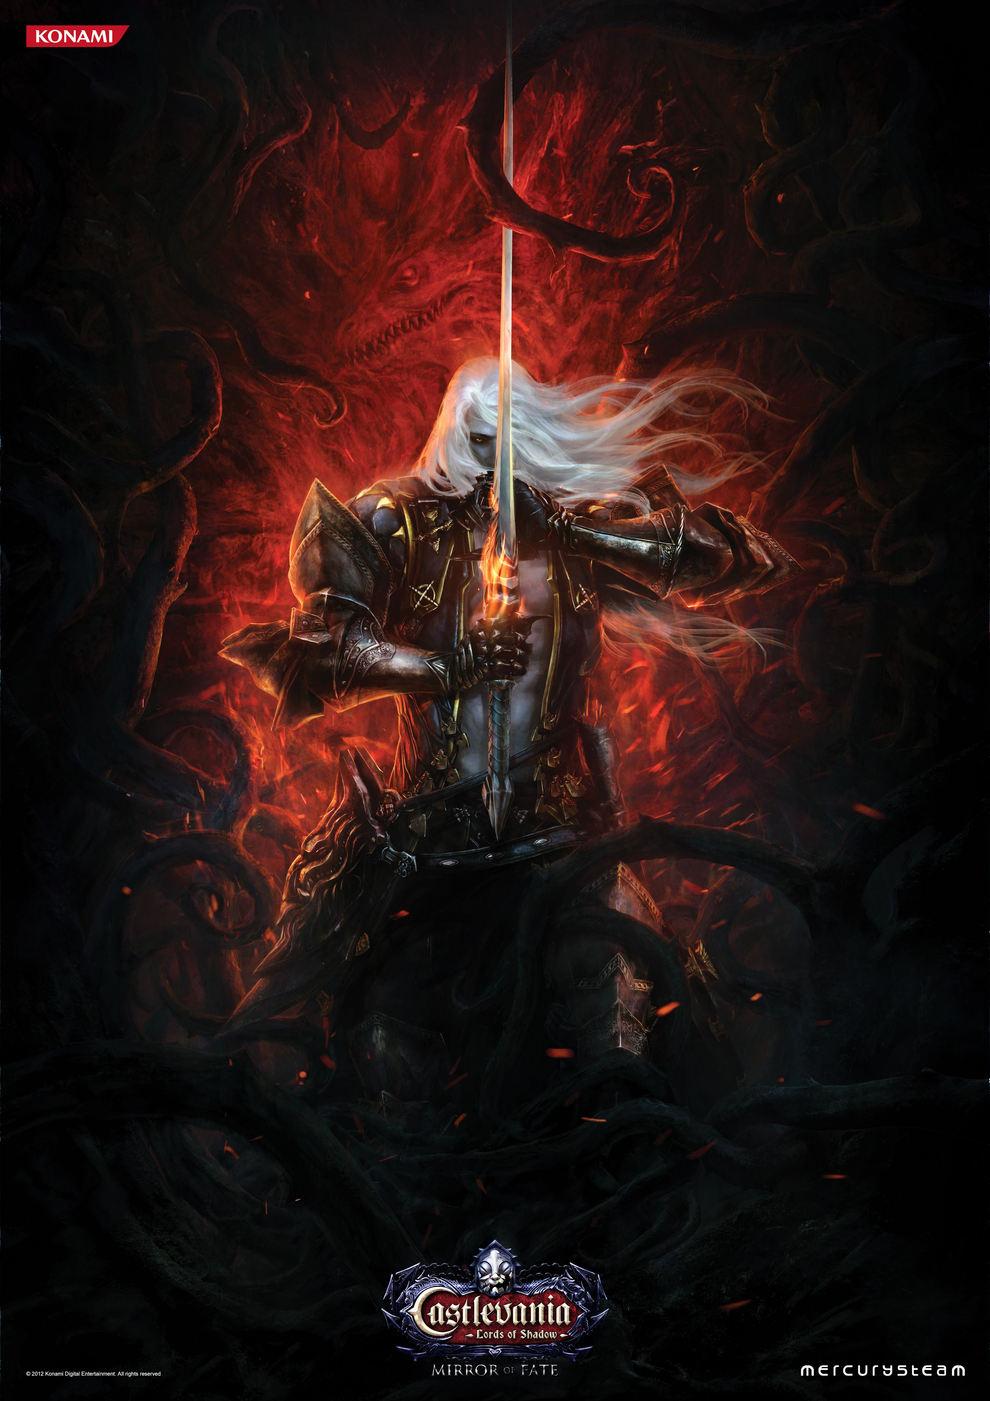 Castlevania: Mirror of Fate